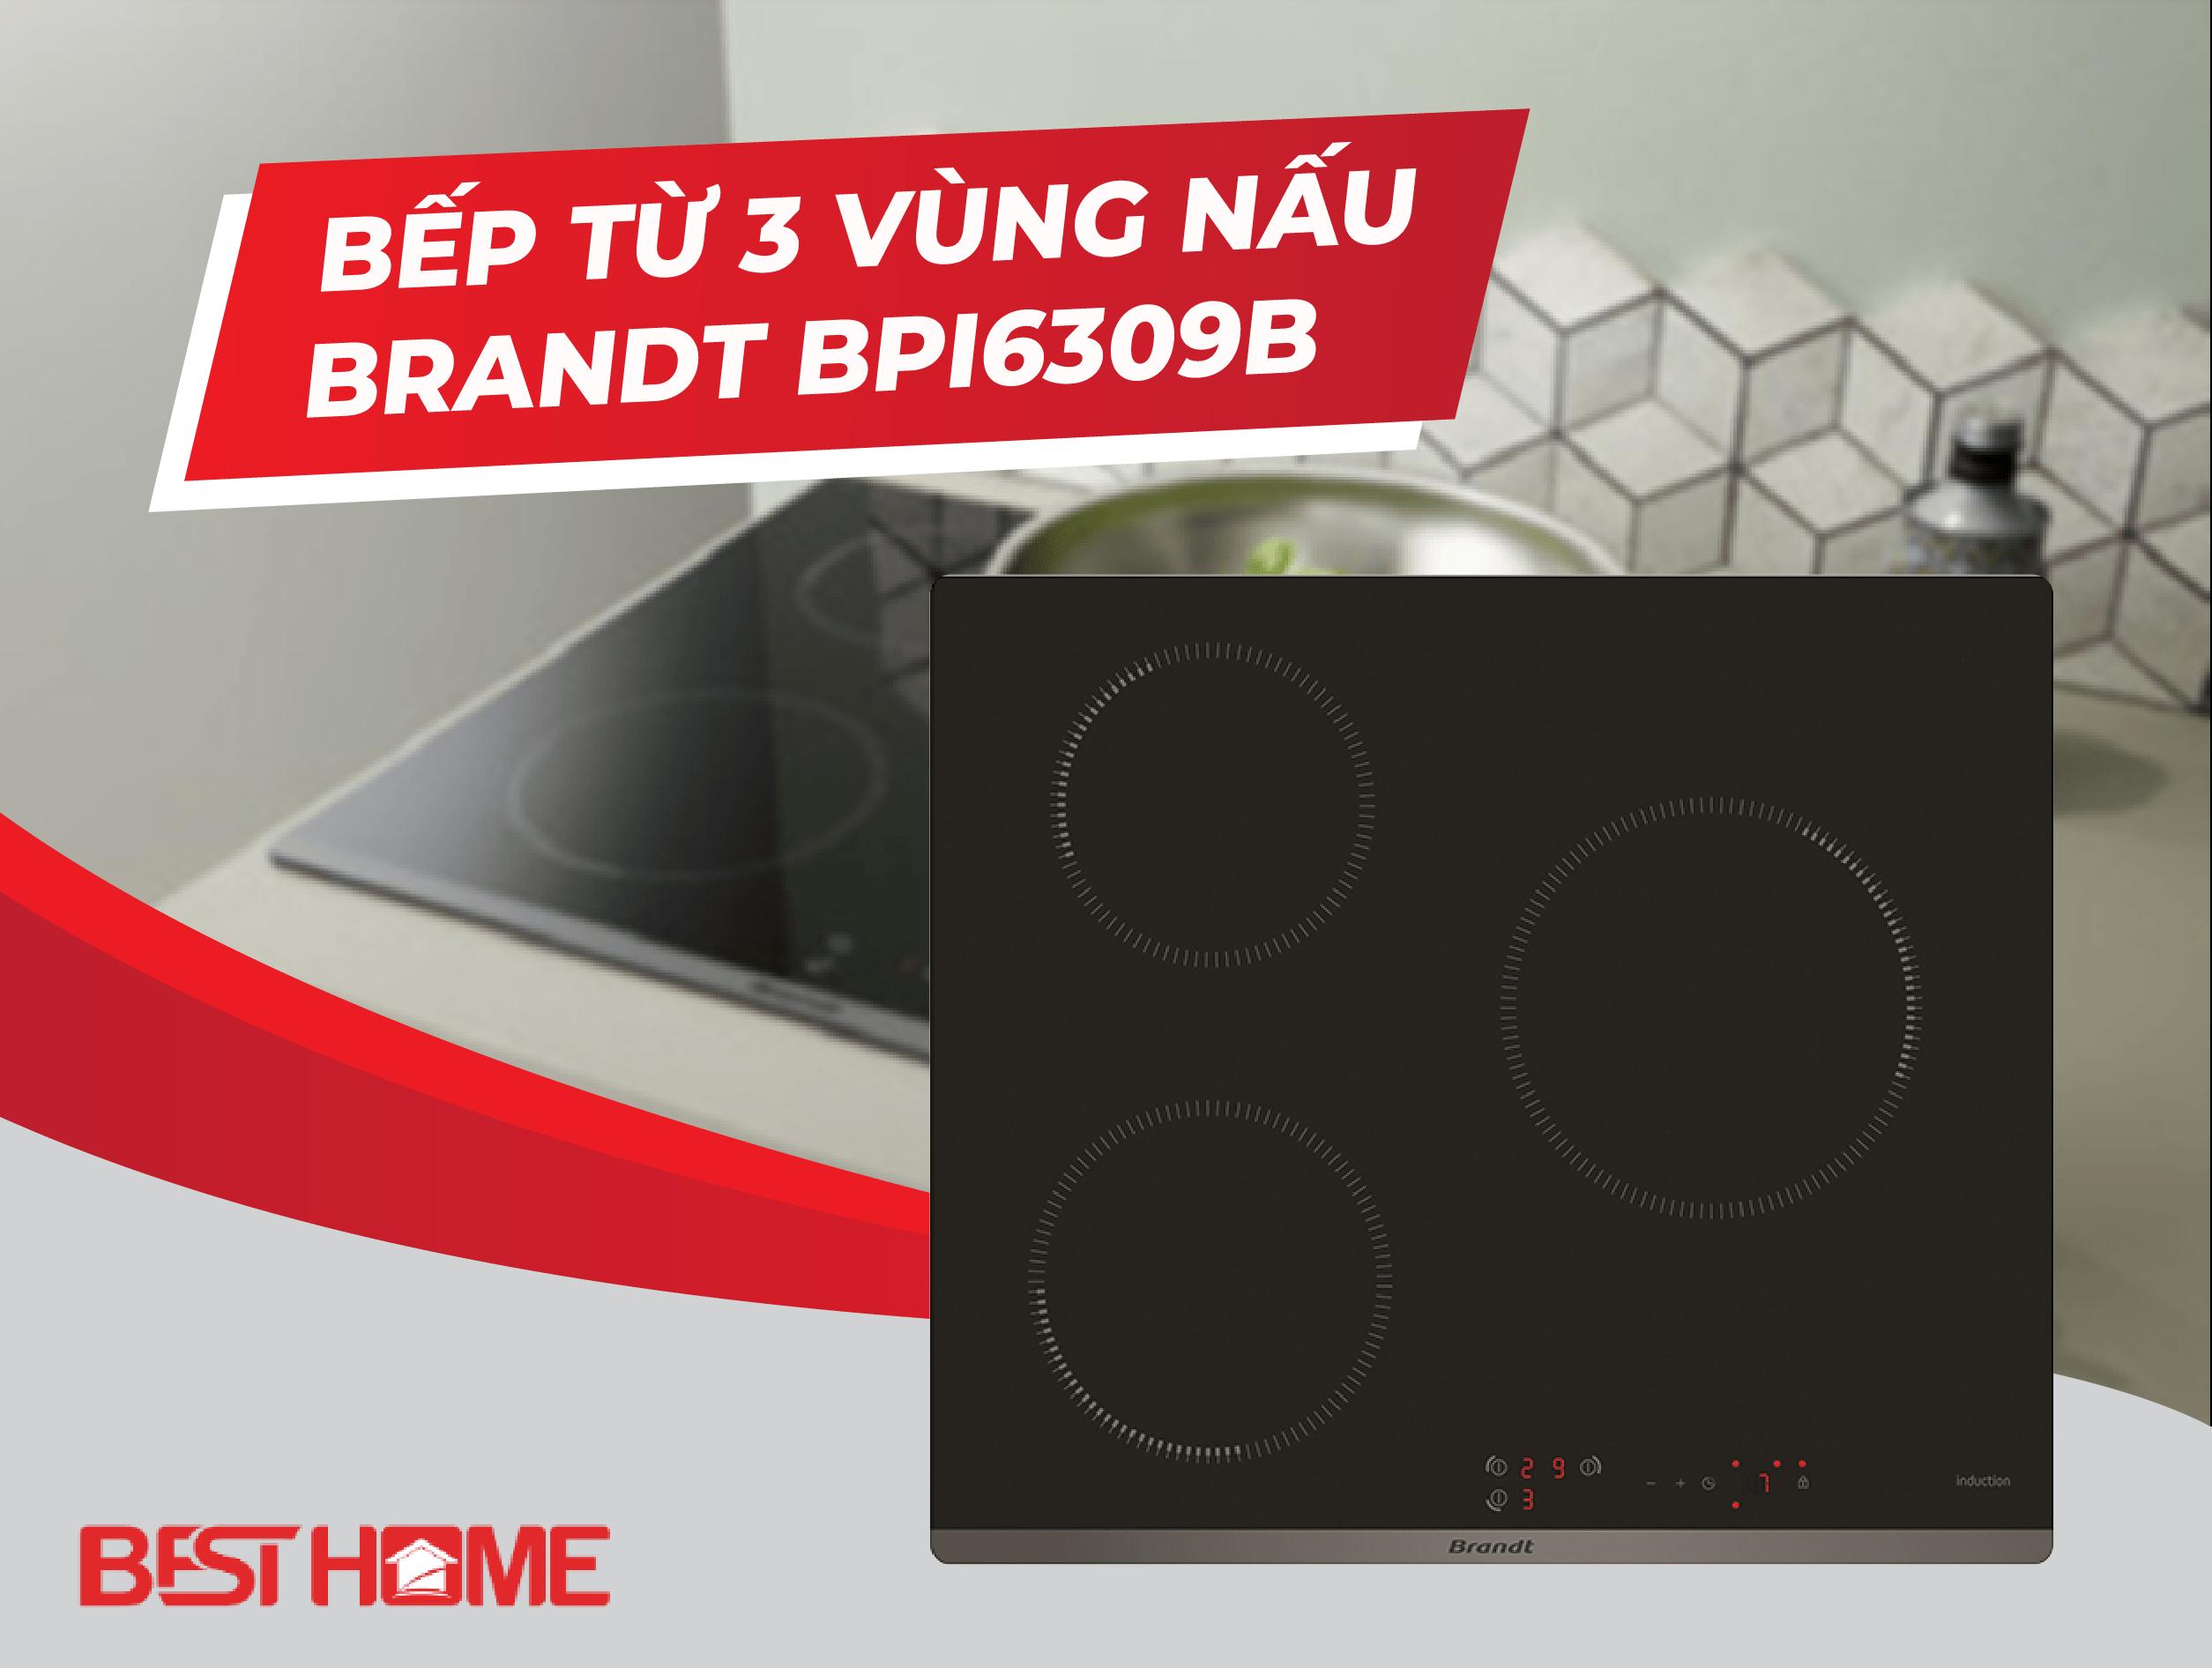 Bếp từ 3 vùng nấu Brandt BPI6309B